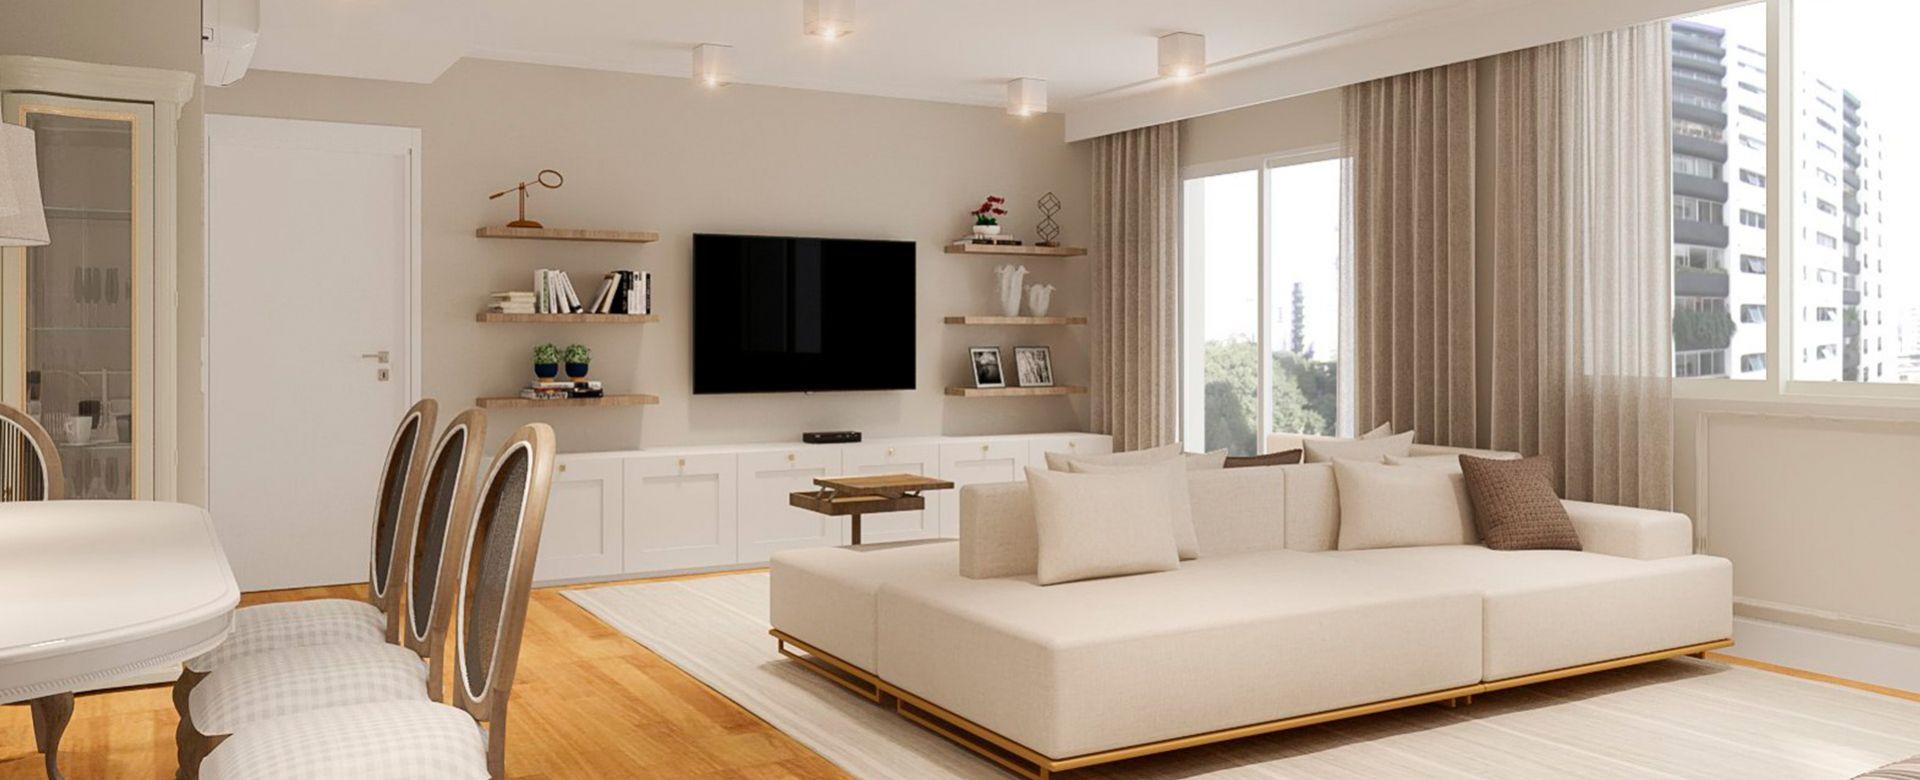 Imagem destaque do Edifício Cittadella & Treviglia